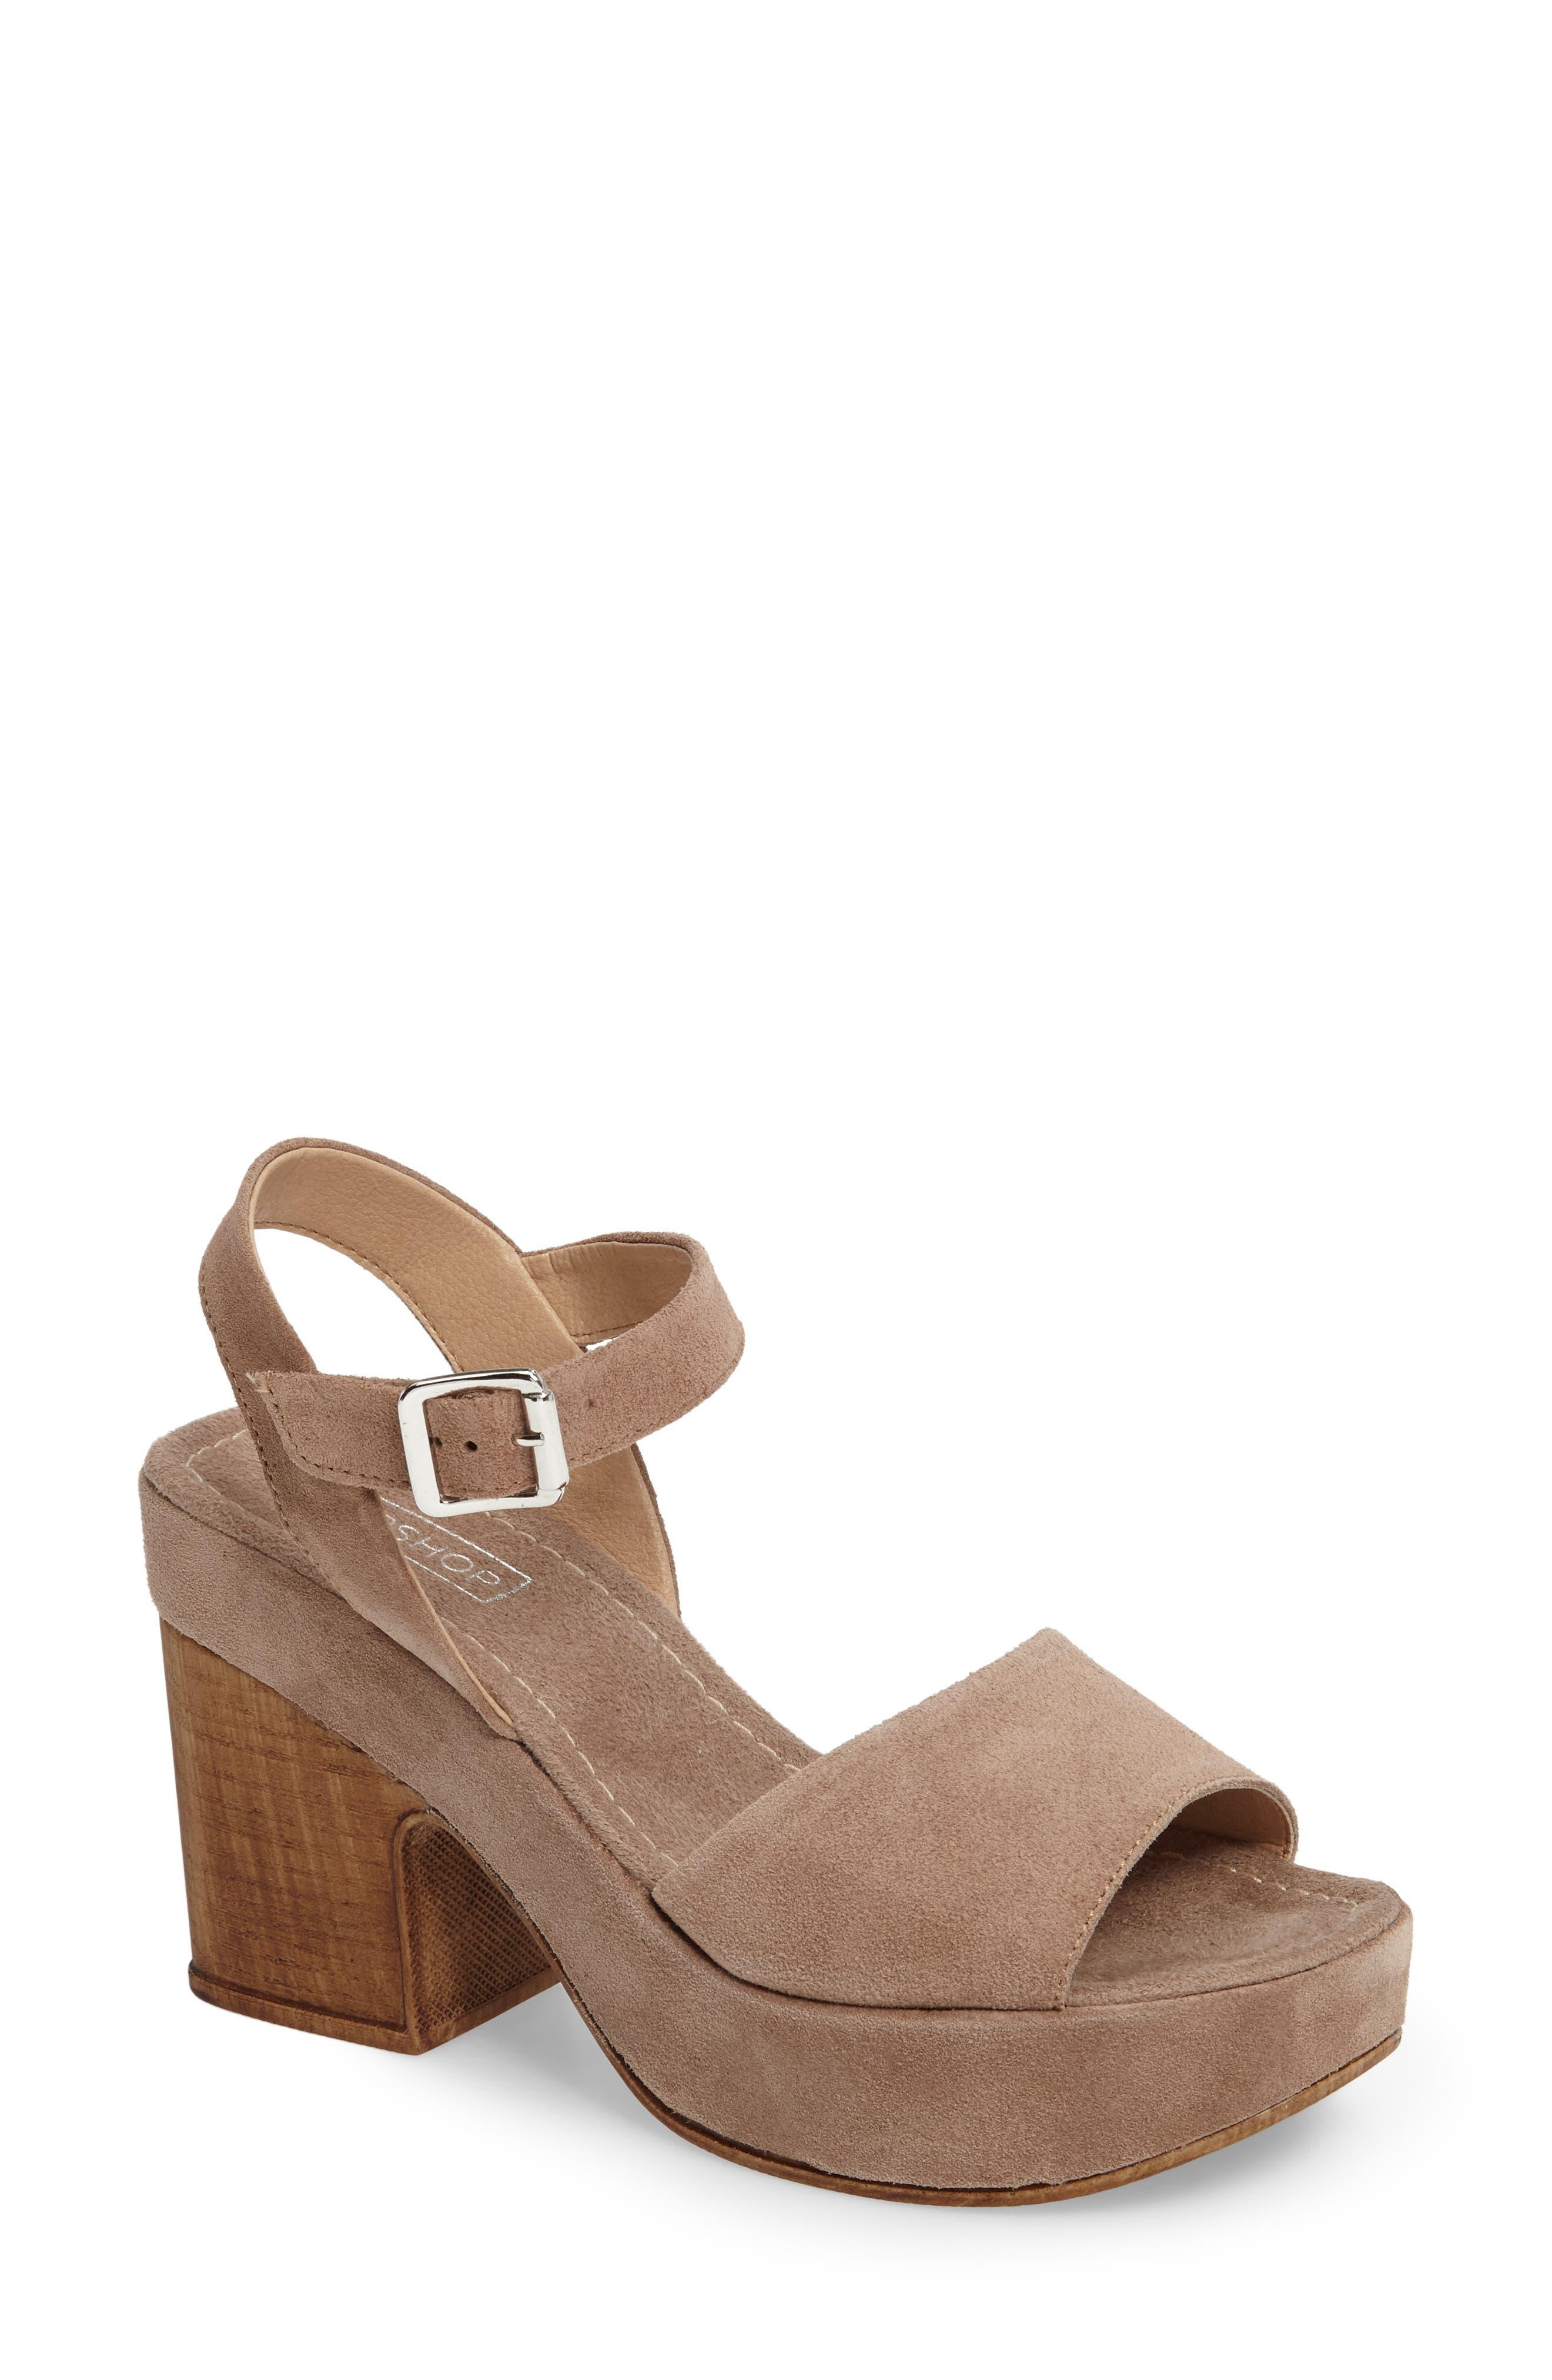 Violets Platform Sandals,                             Main thumbnail 3, color,